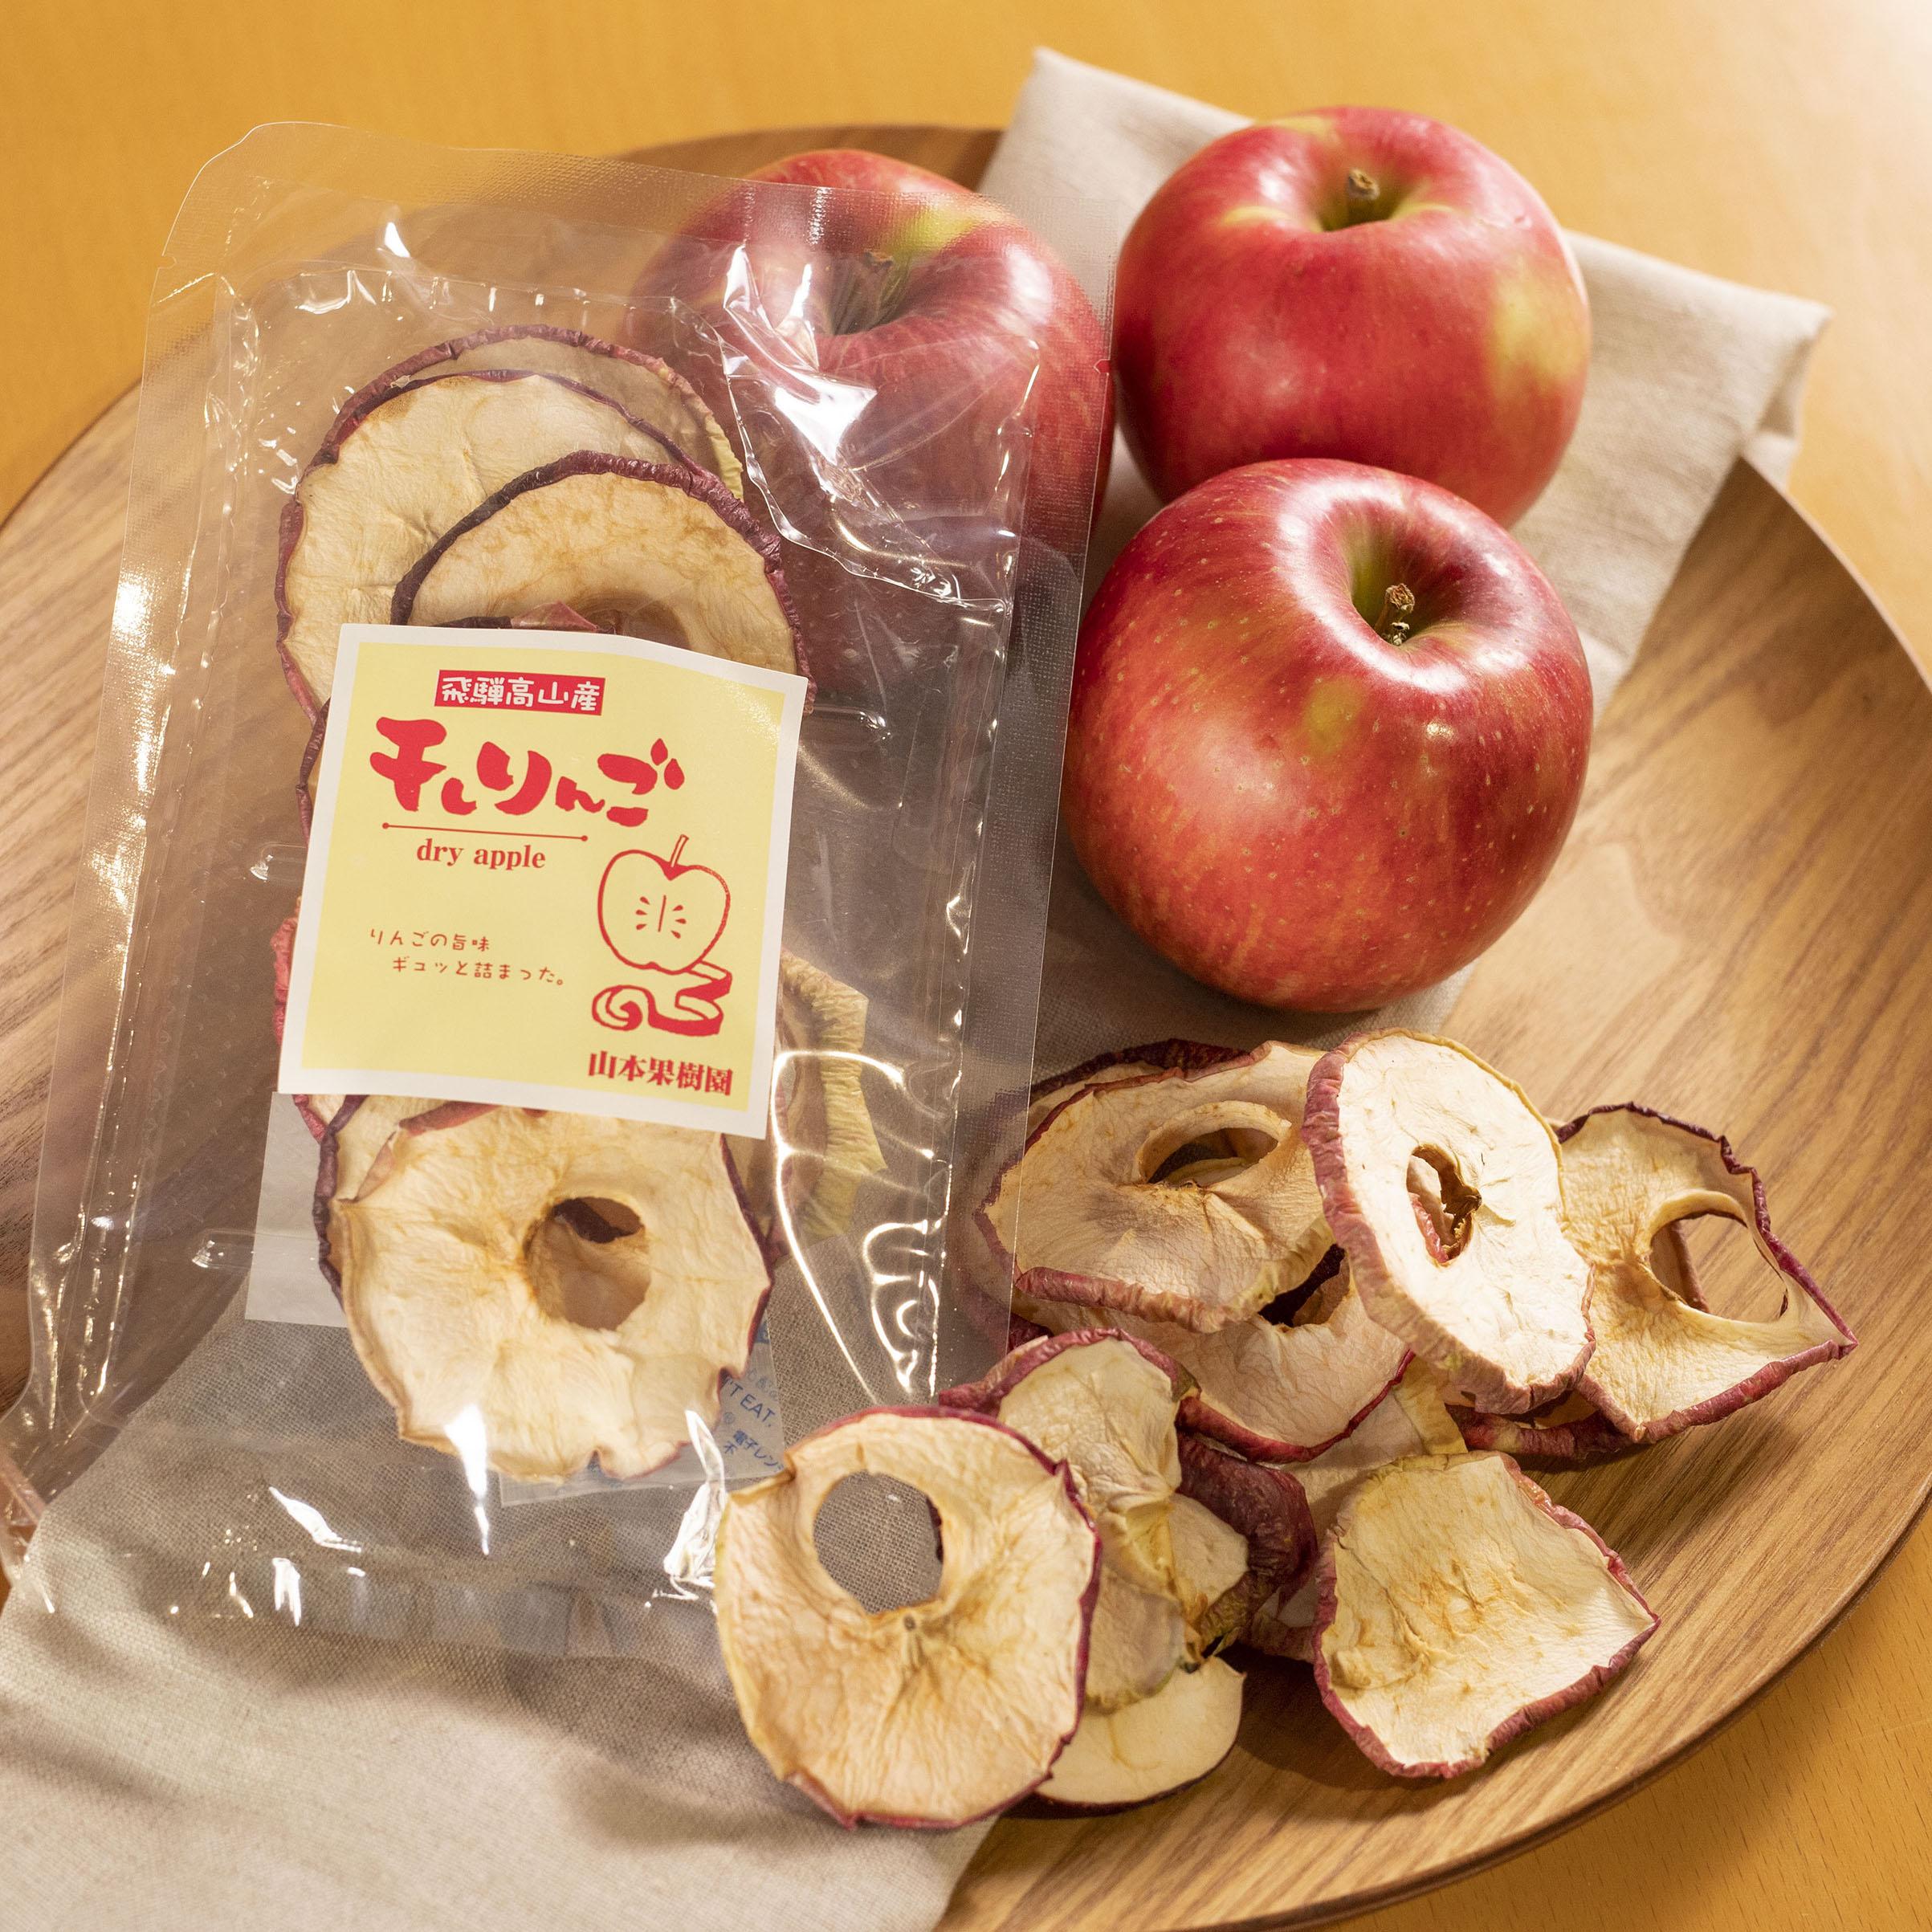 完熟りんごで作った山本果樹園の干しりんご